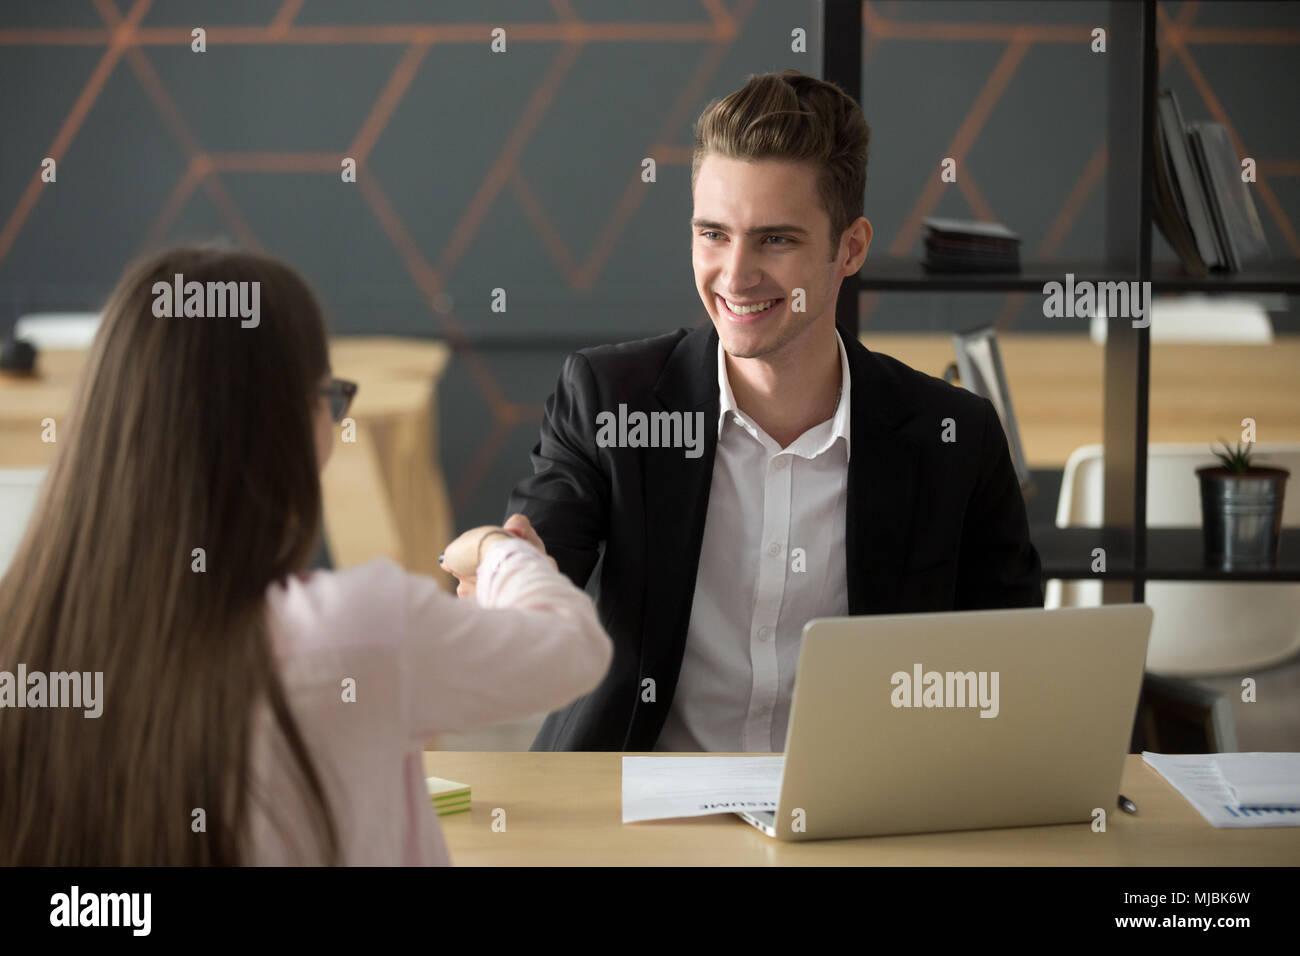 Lächelnd hr Arbeitgeber handshaking erfolgreiche Bewerber einstellen Stockbild